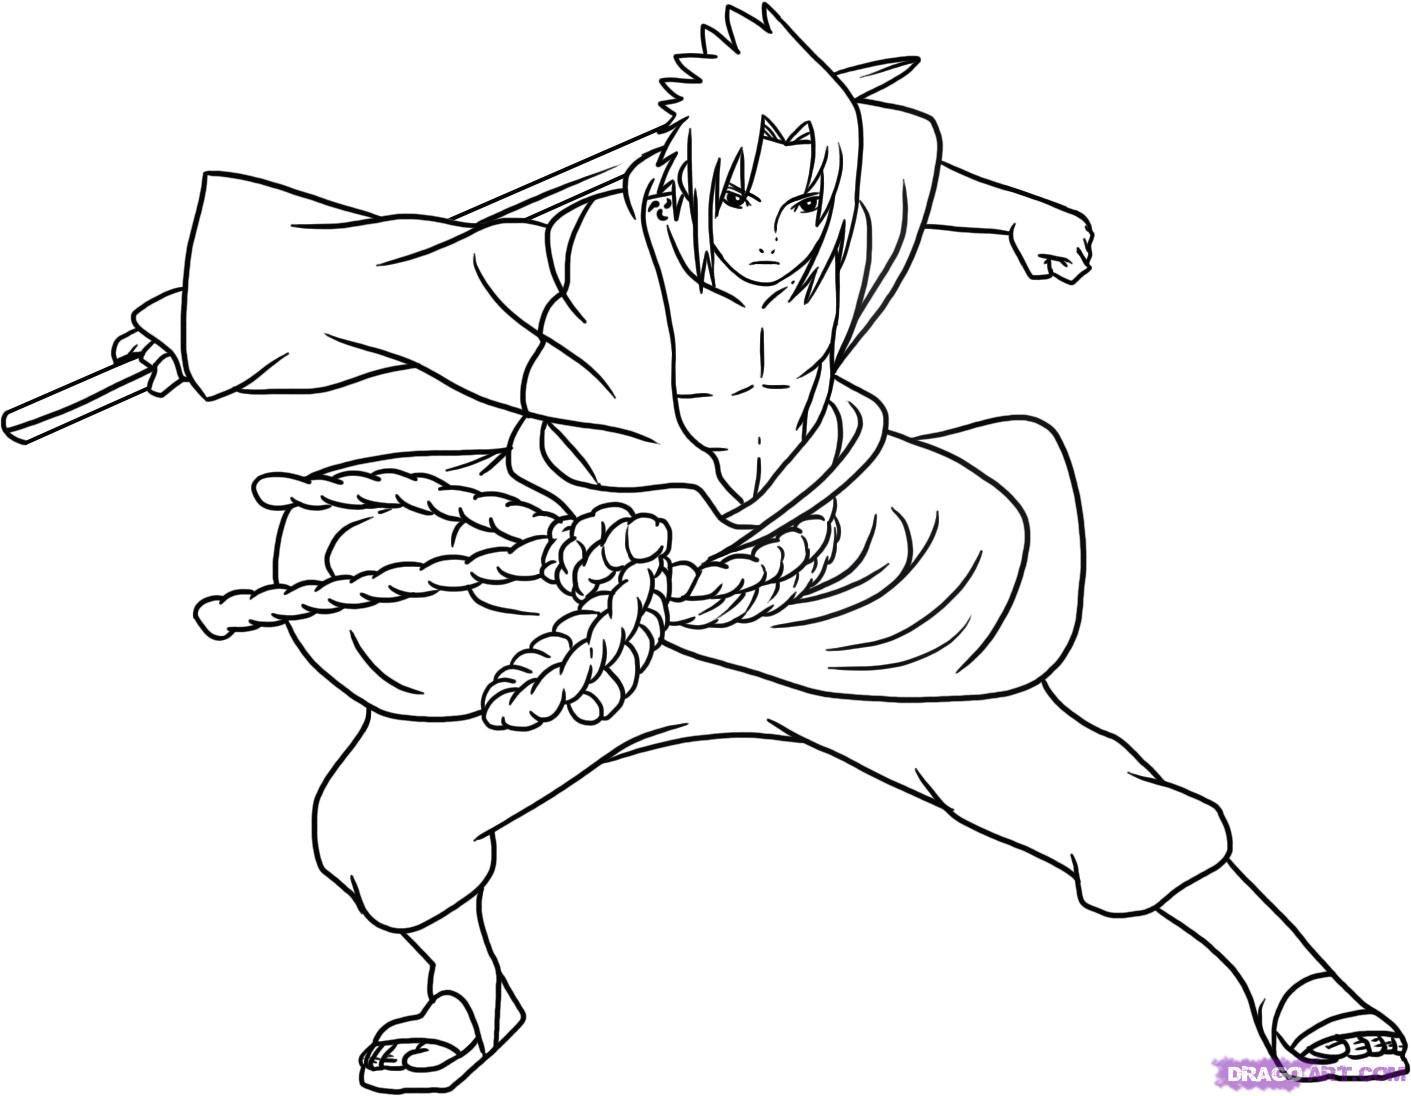 Coloriage De Naruto #48952 A Imprimer Et Colorier … (Avec destiné Coloriage De Naruto Shippuden A Imprimer